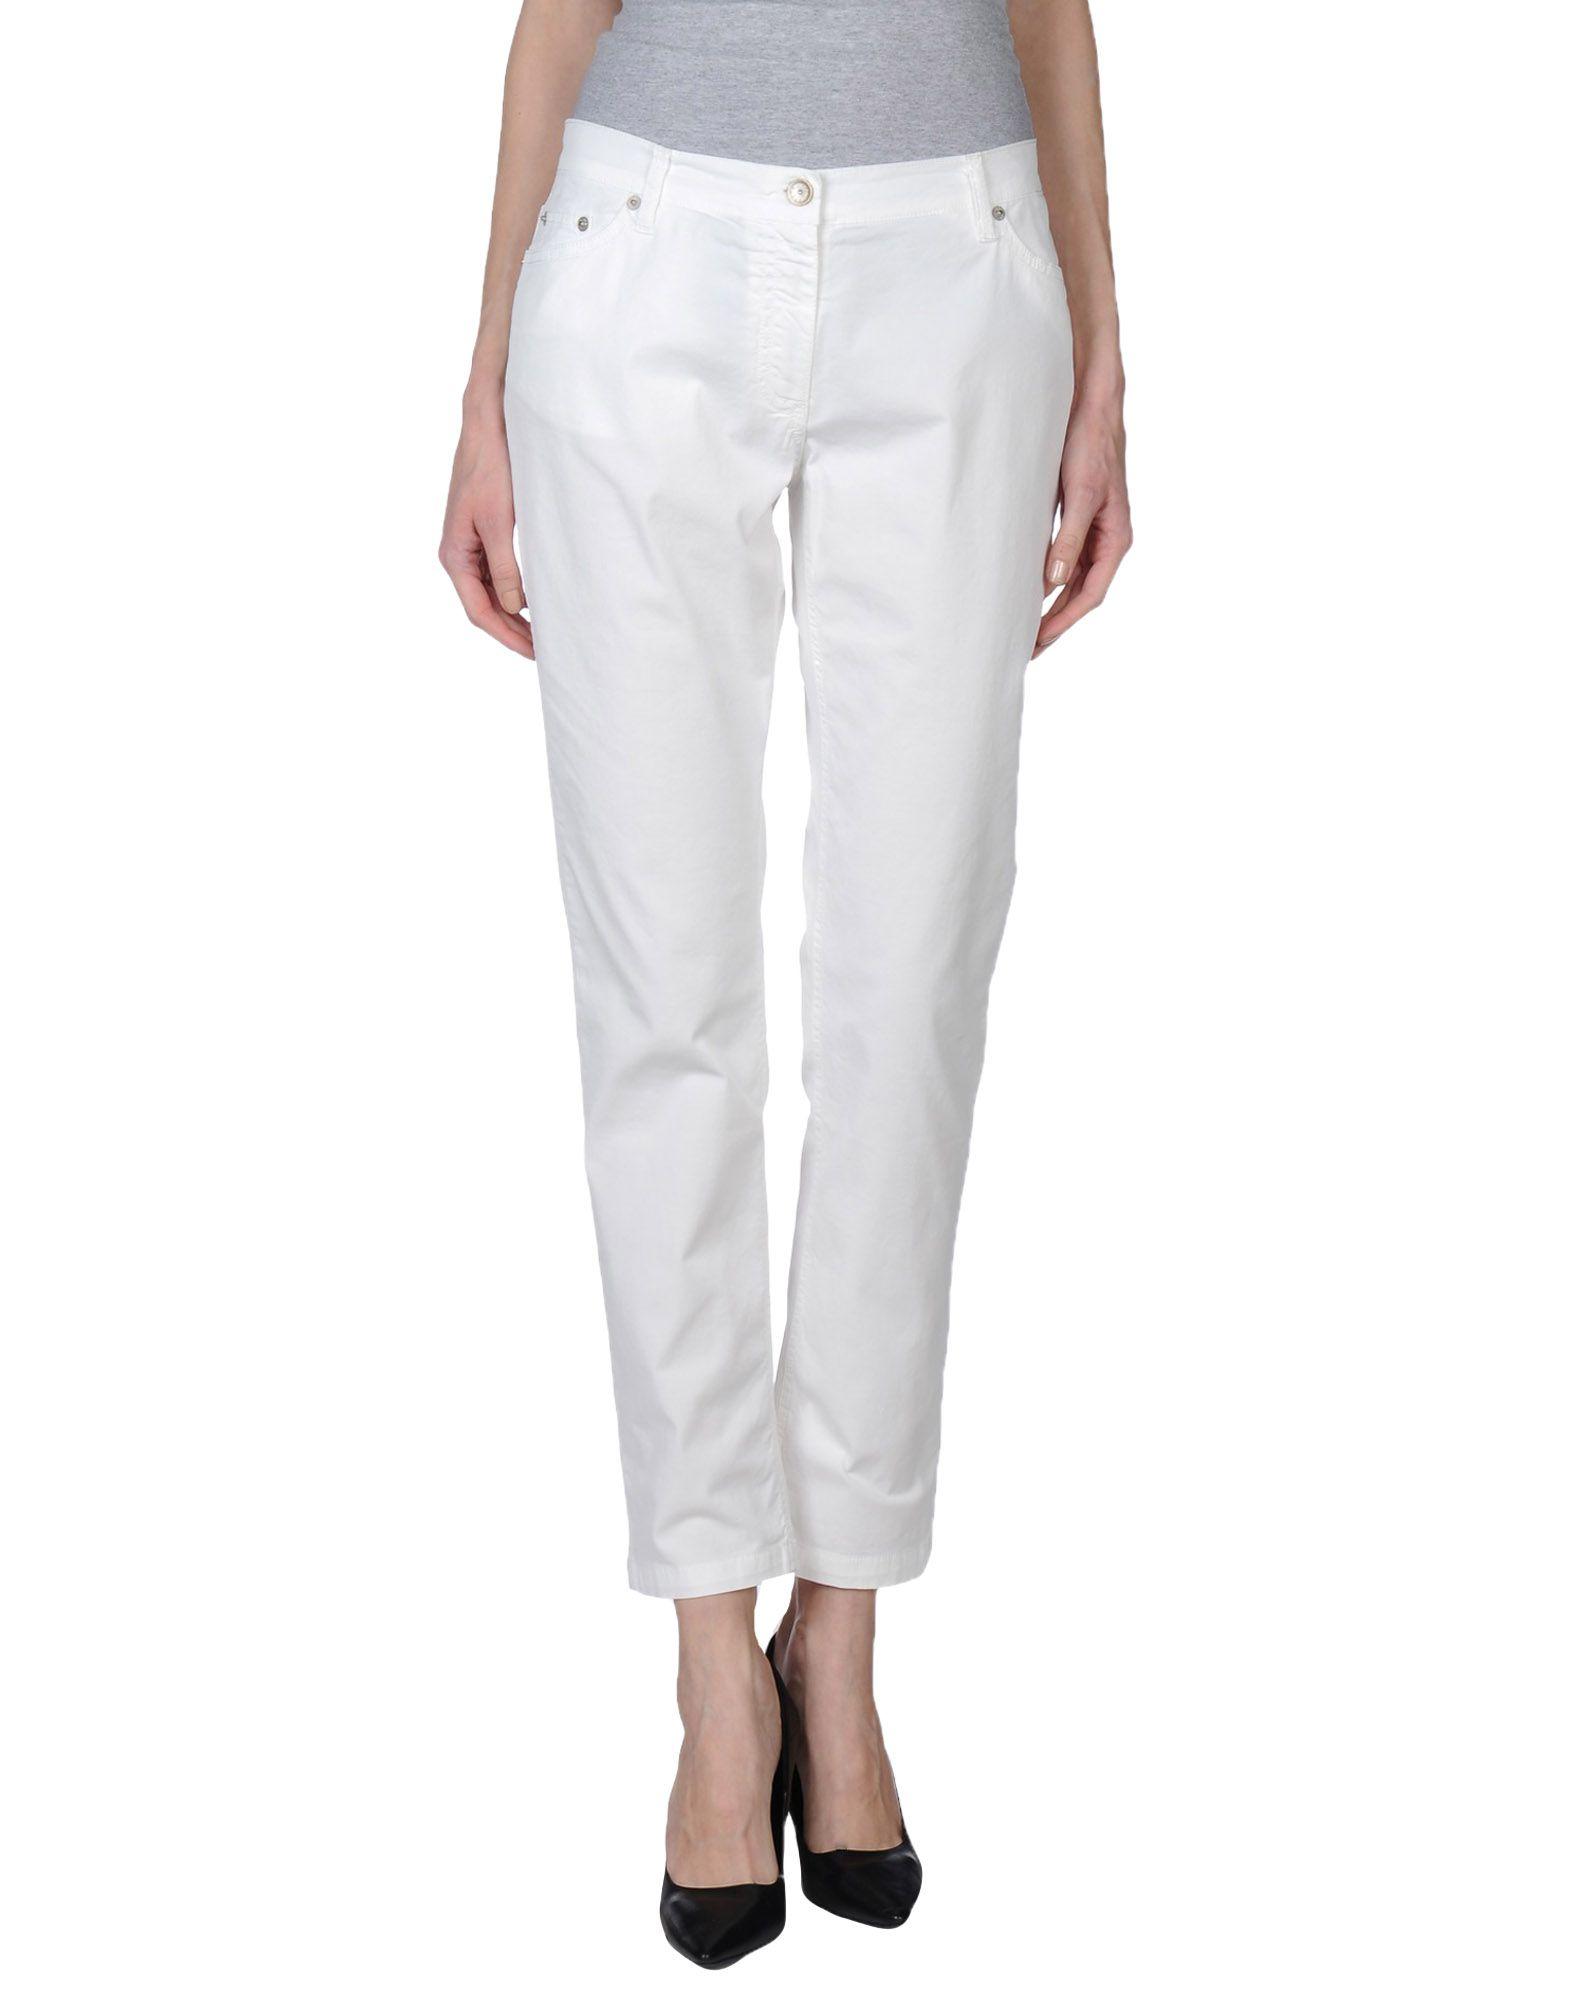 FRED PERRY Damen Hose Farbe Weiß Größe 7